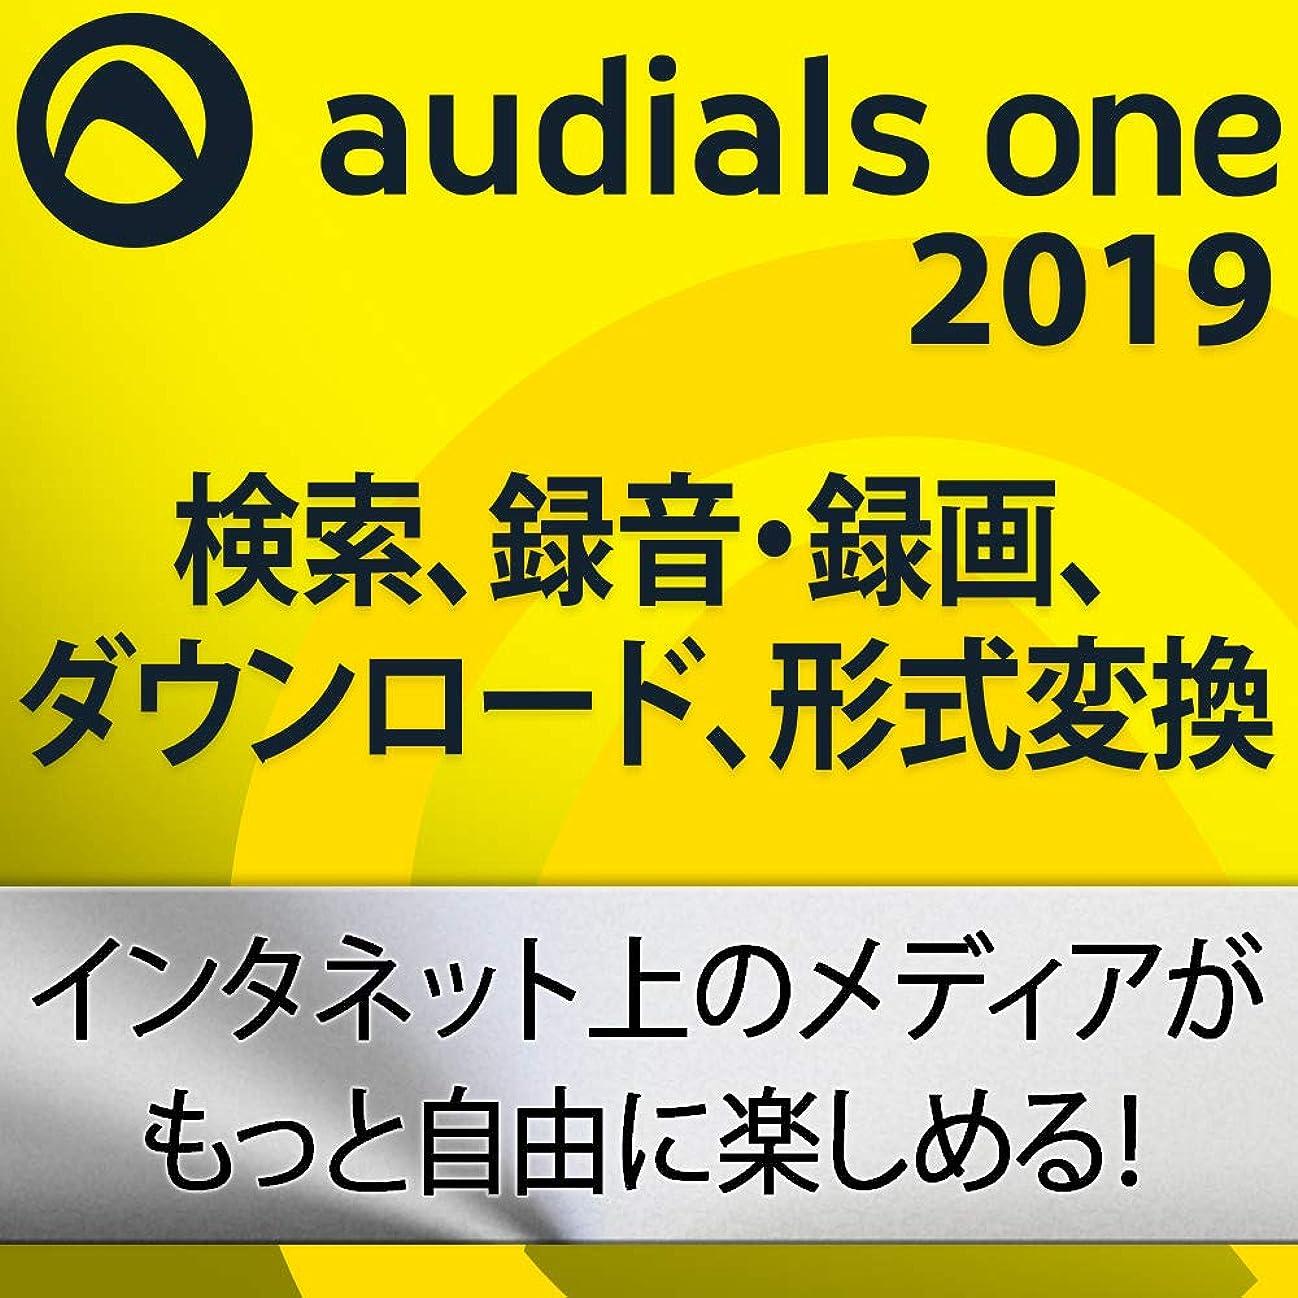 馬鹿側面上Audials One 2019|ダウンロード版